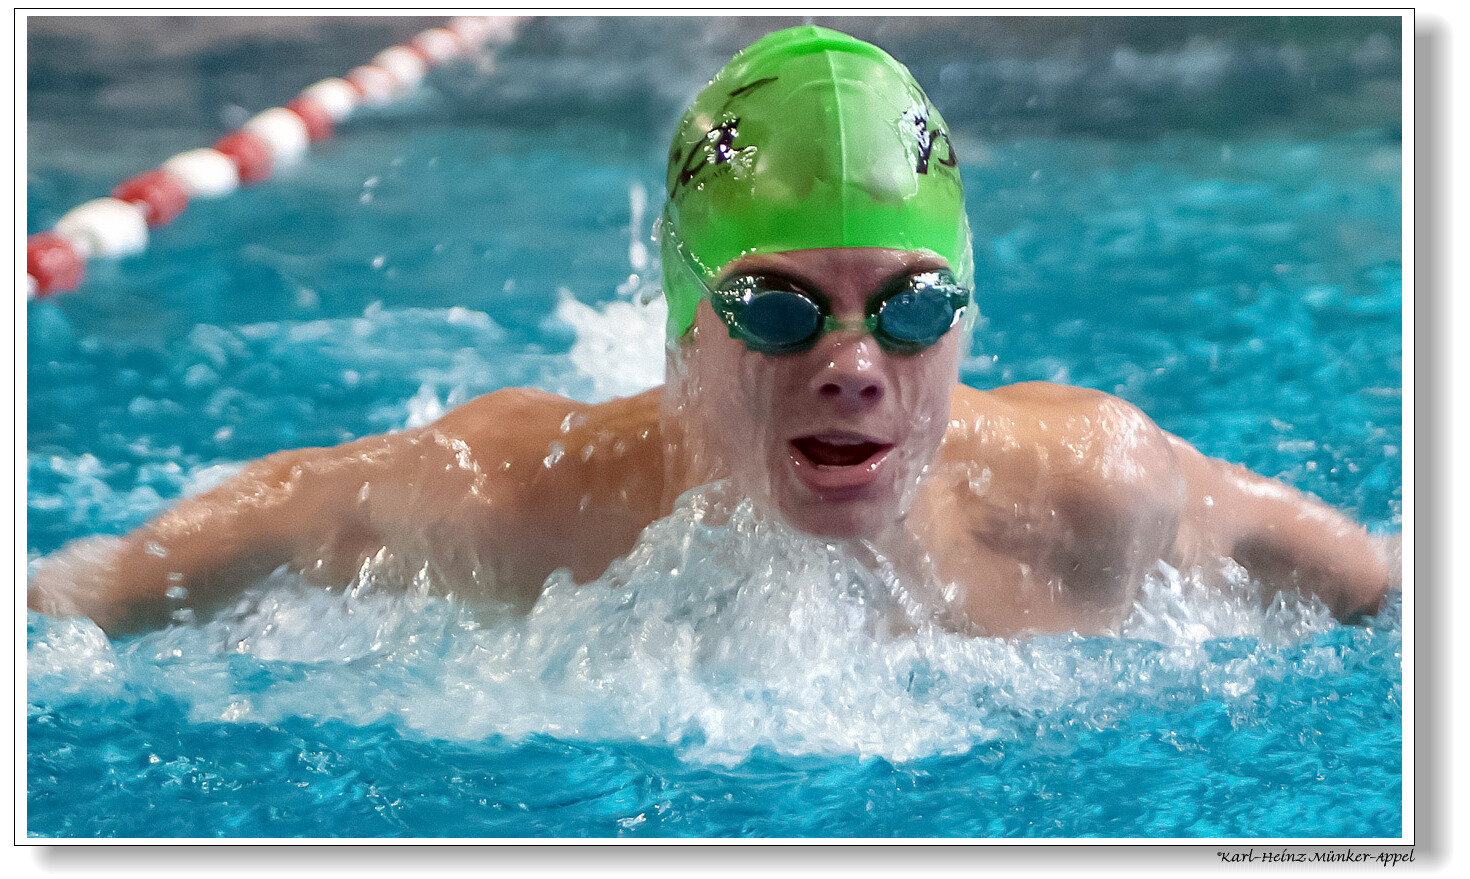 Lucas Jahrgang 1999 Gastschwimmer aus den USA in Aktion